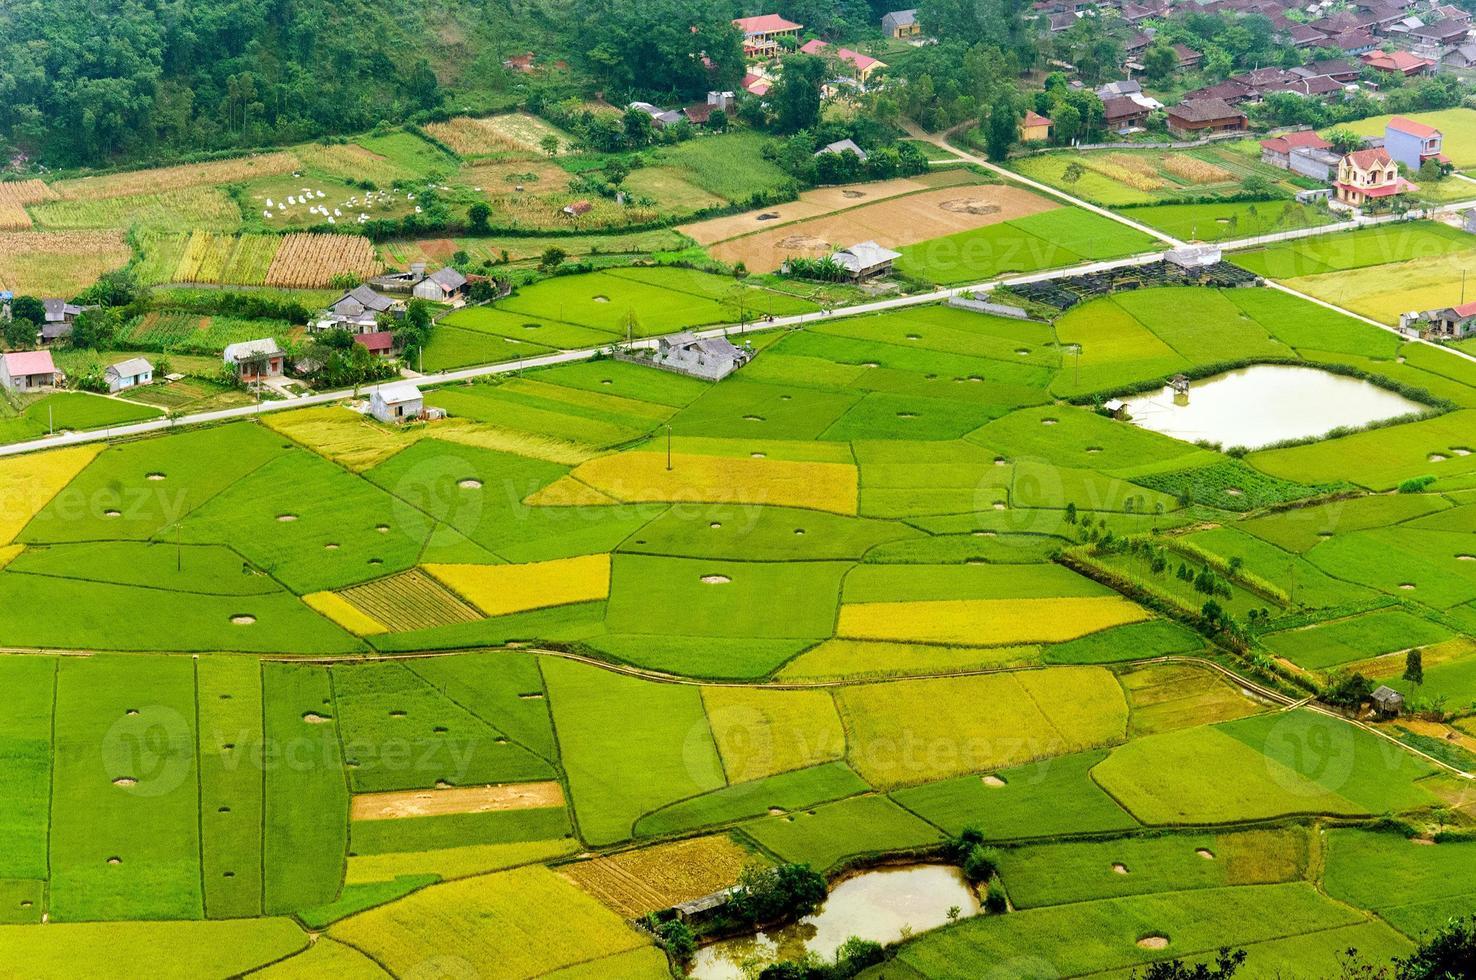 campo de arroz na época da colheita em bac son vale, lang son, vietnã foto